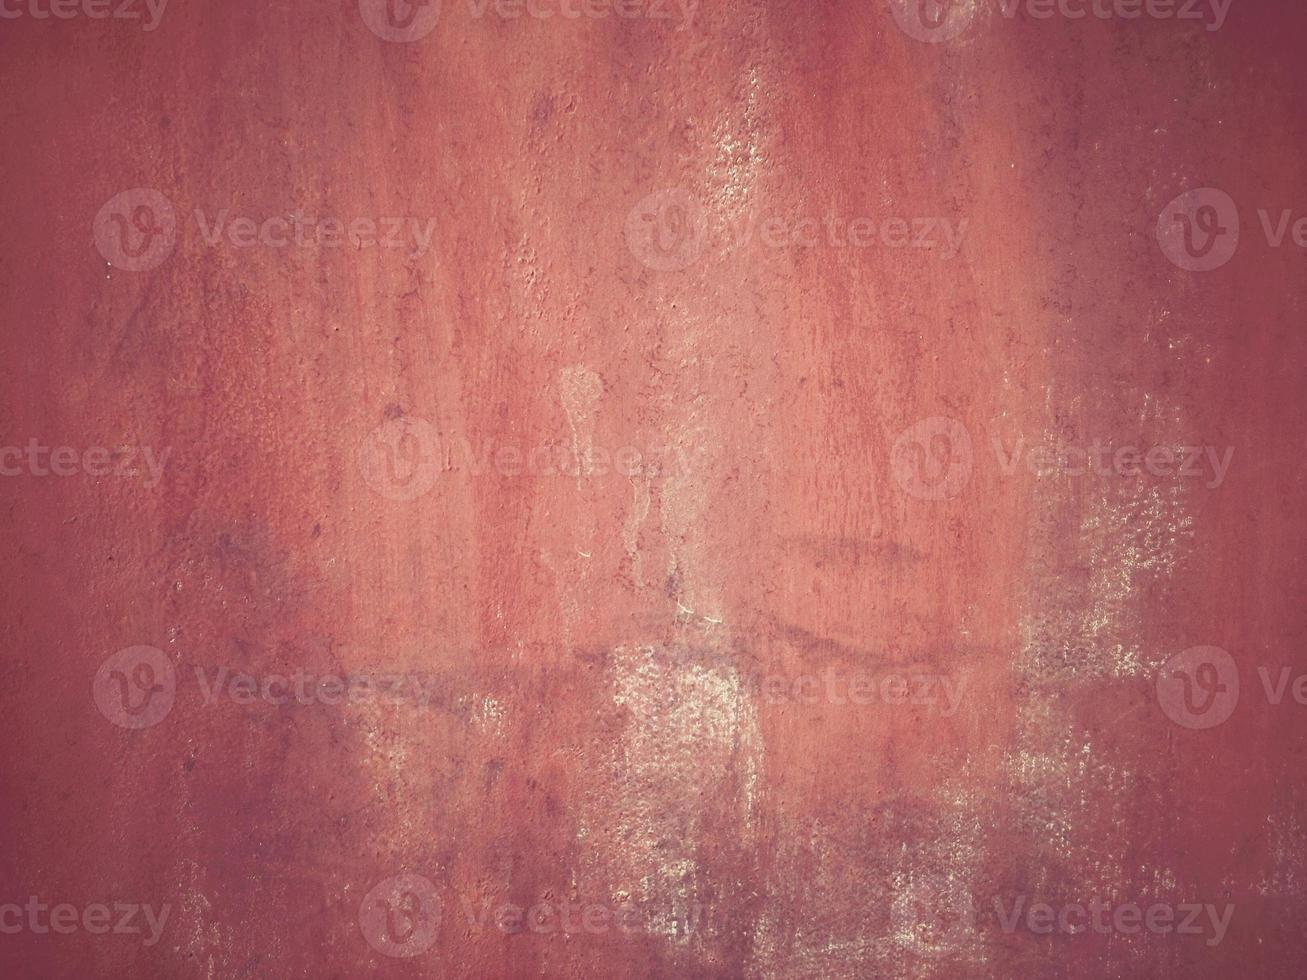 textura grunge foto